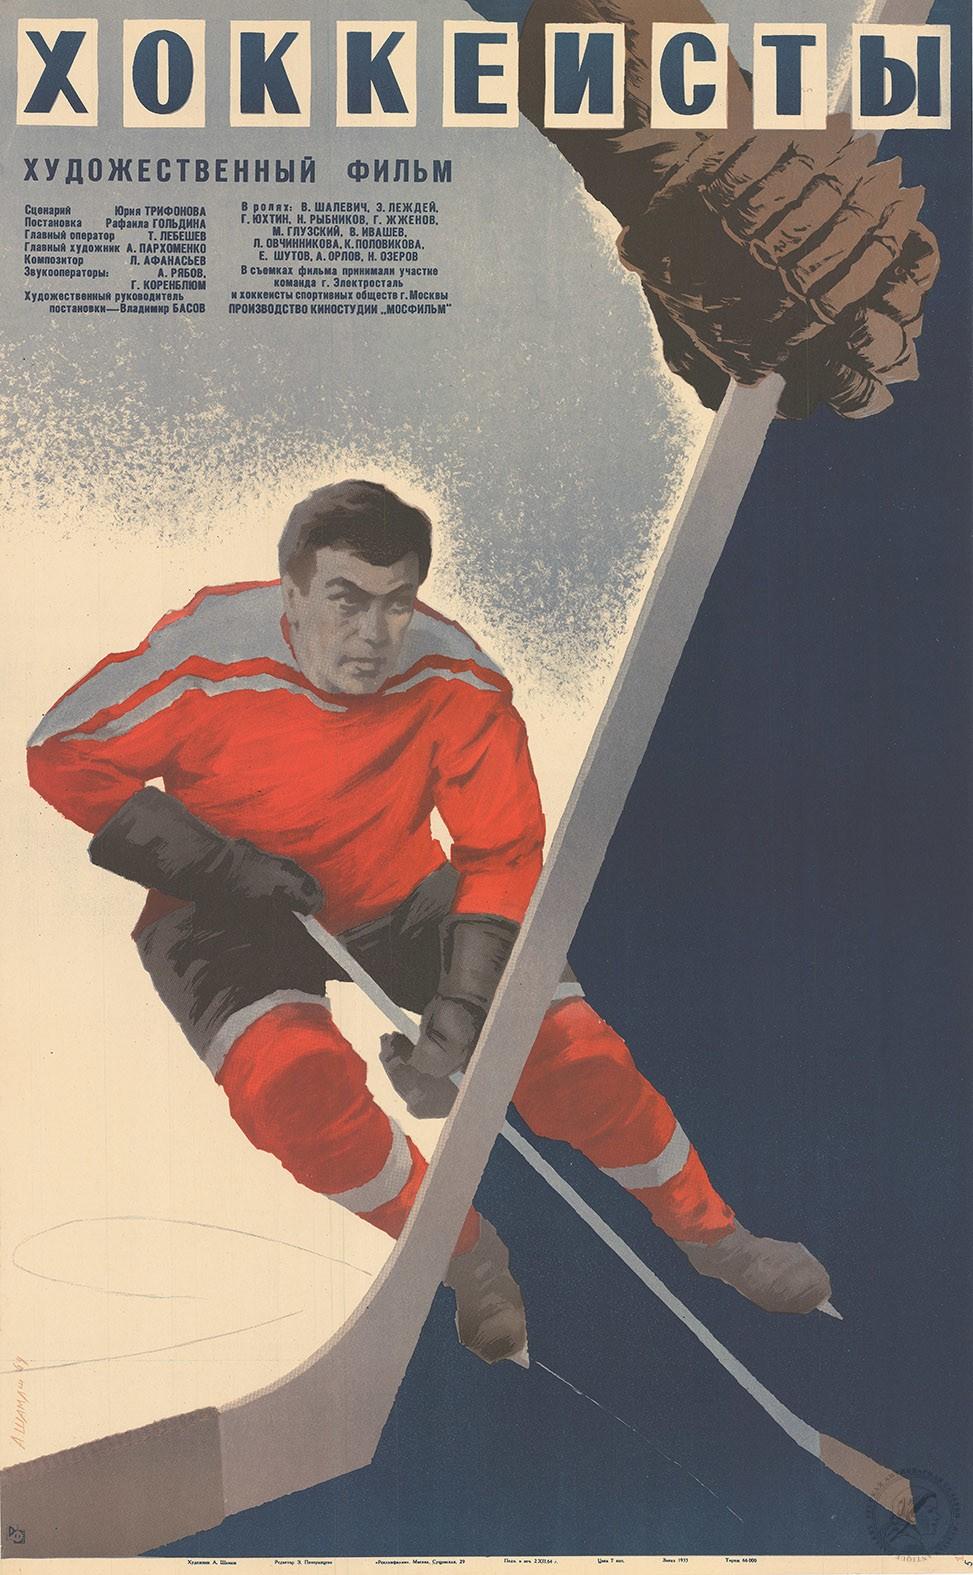 Плакат к художественному фильму «Хоккеисты»